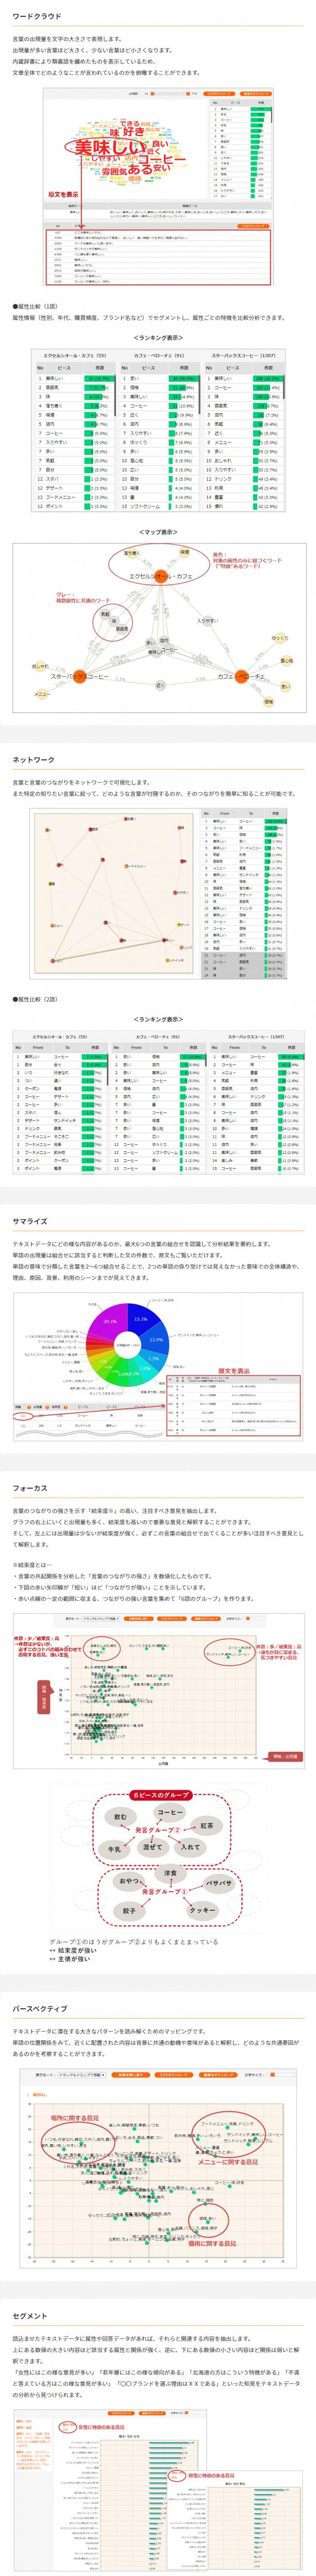 TextVoice製品詳細3